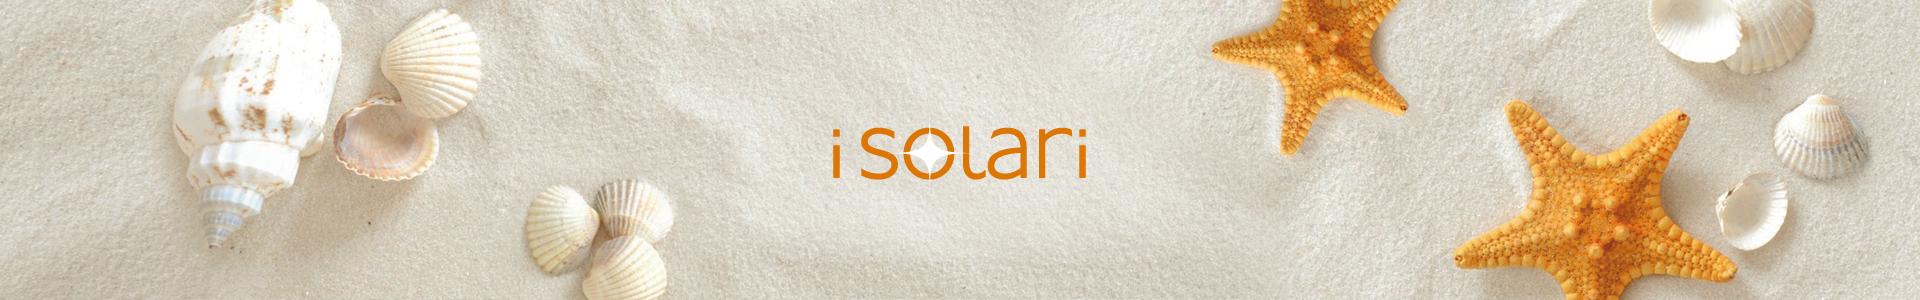 iSolari